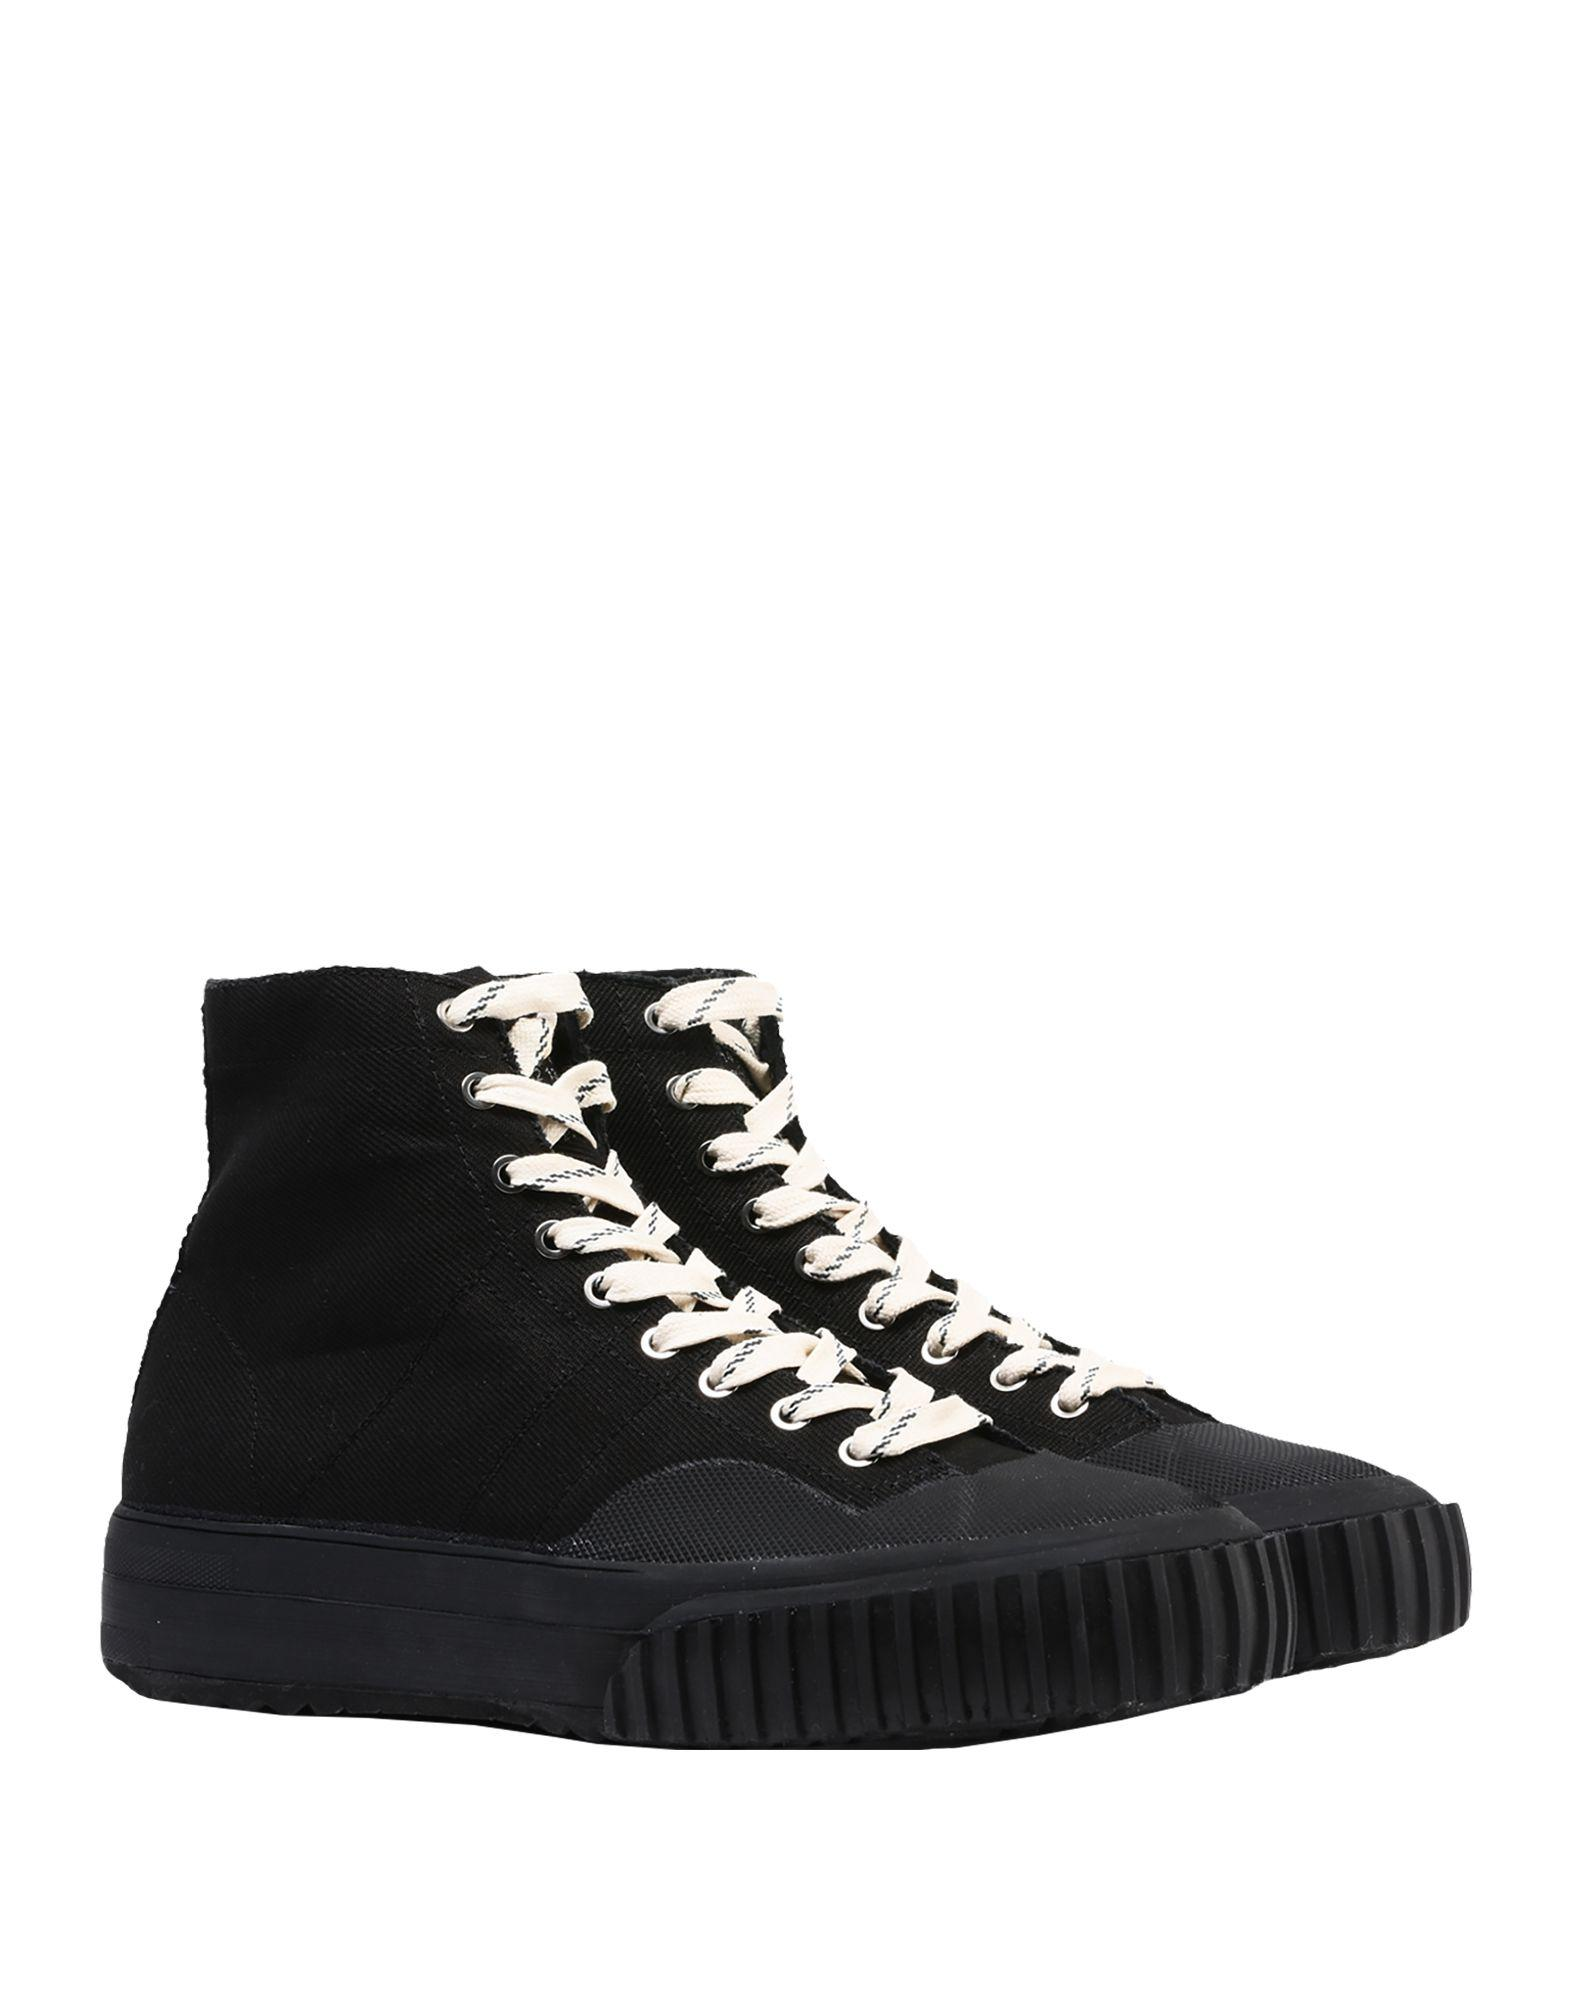 Sneakers abotinadas Maison Margiela de Cuero de color Negro para hombre